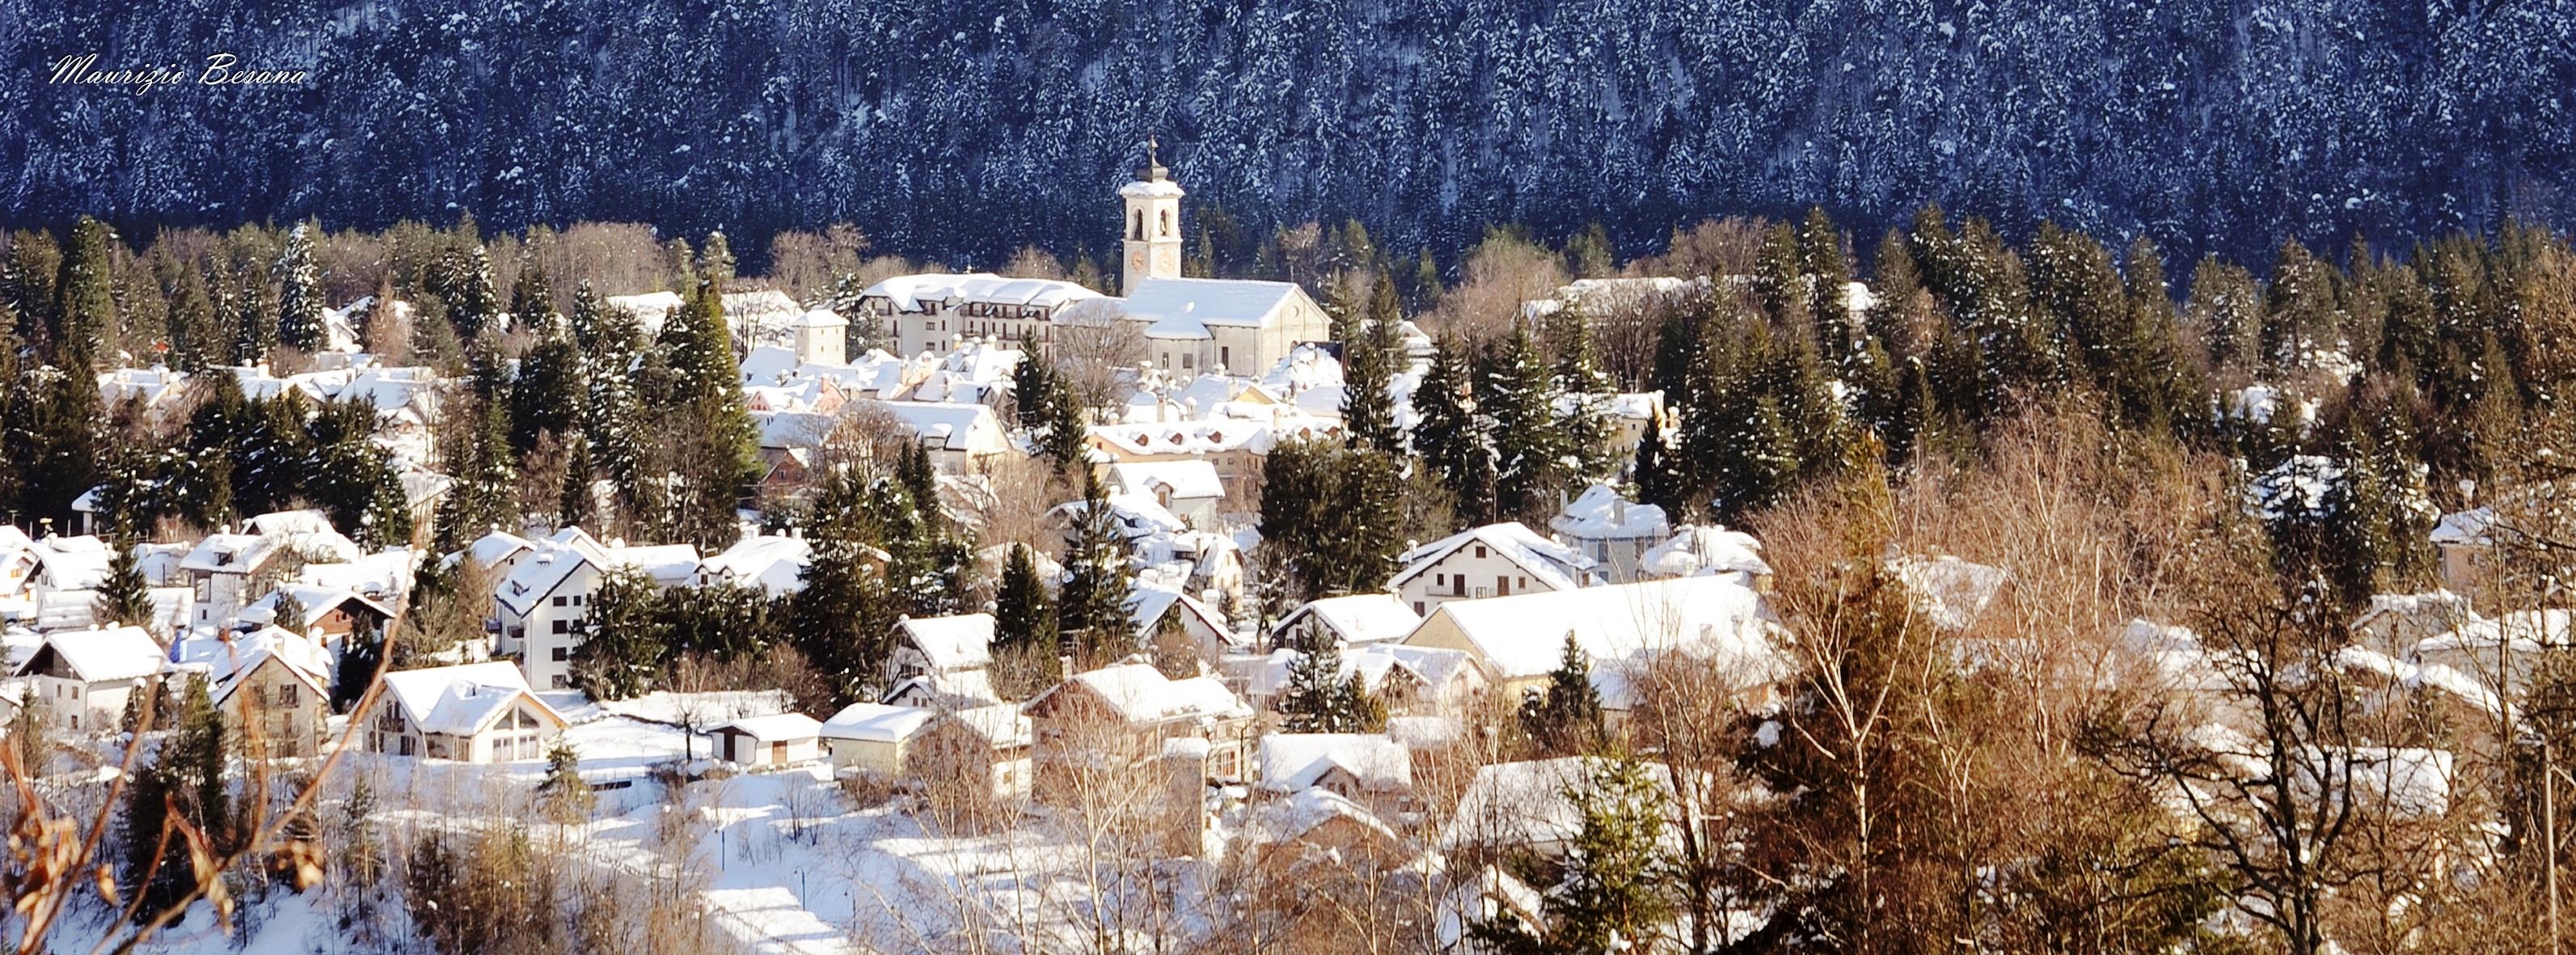 Inverno a Santa Maria Maggiore in Valle Vigezzo - ph. Maurizio Besana